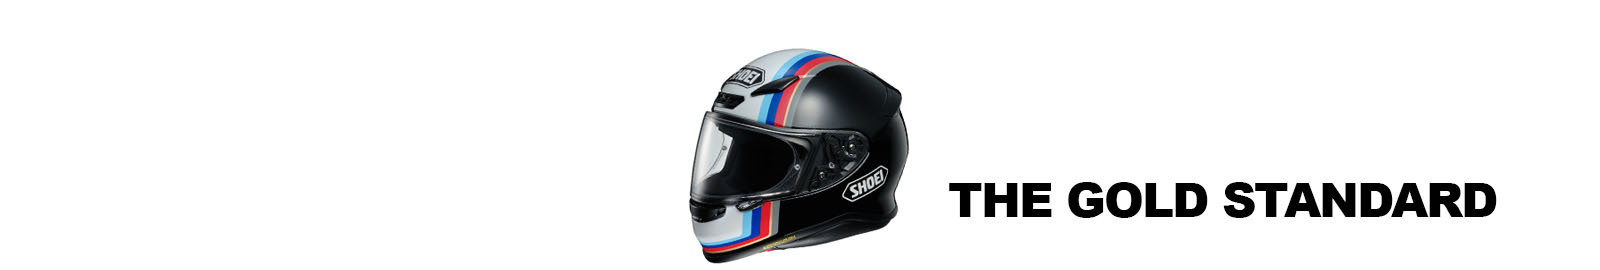 Shoei RF-1200 Helmets